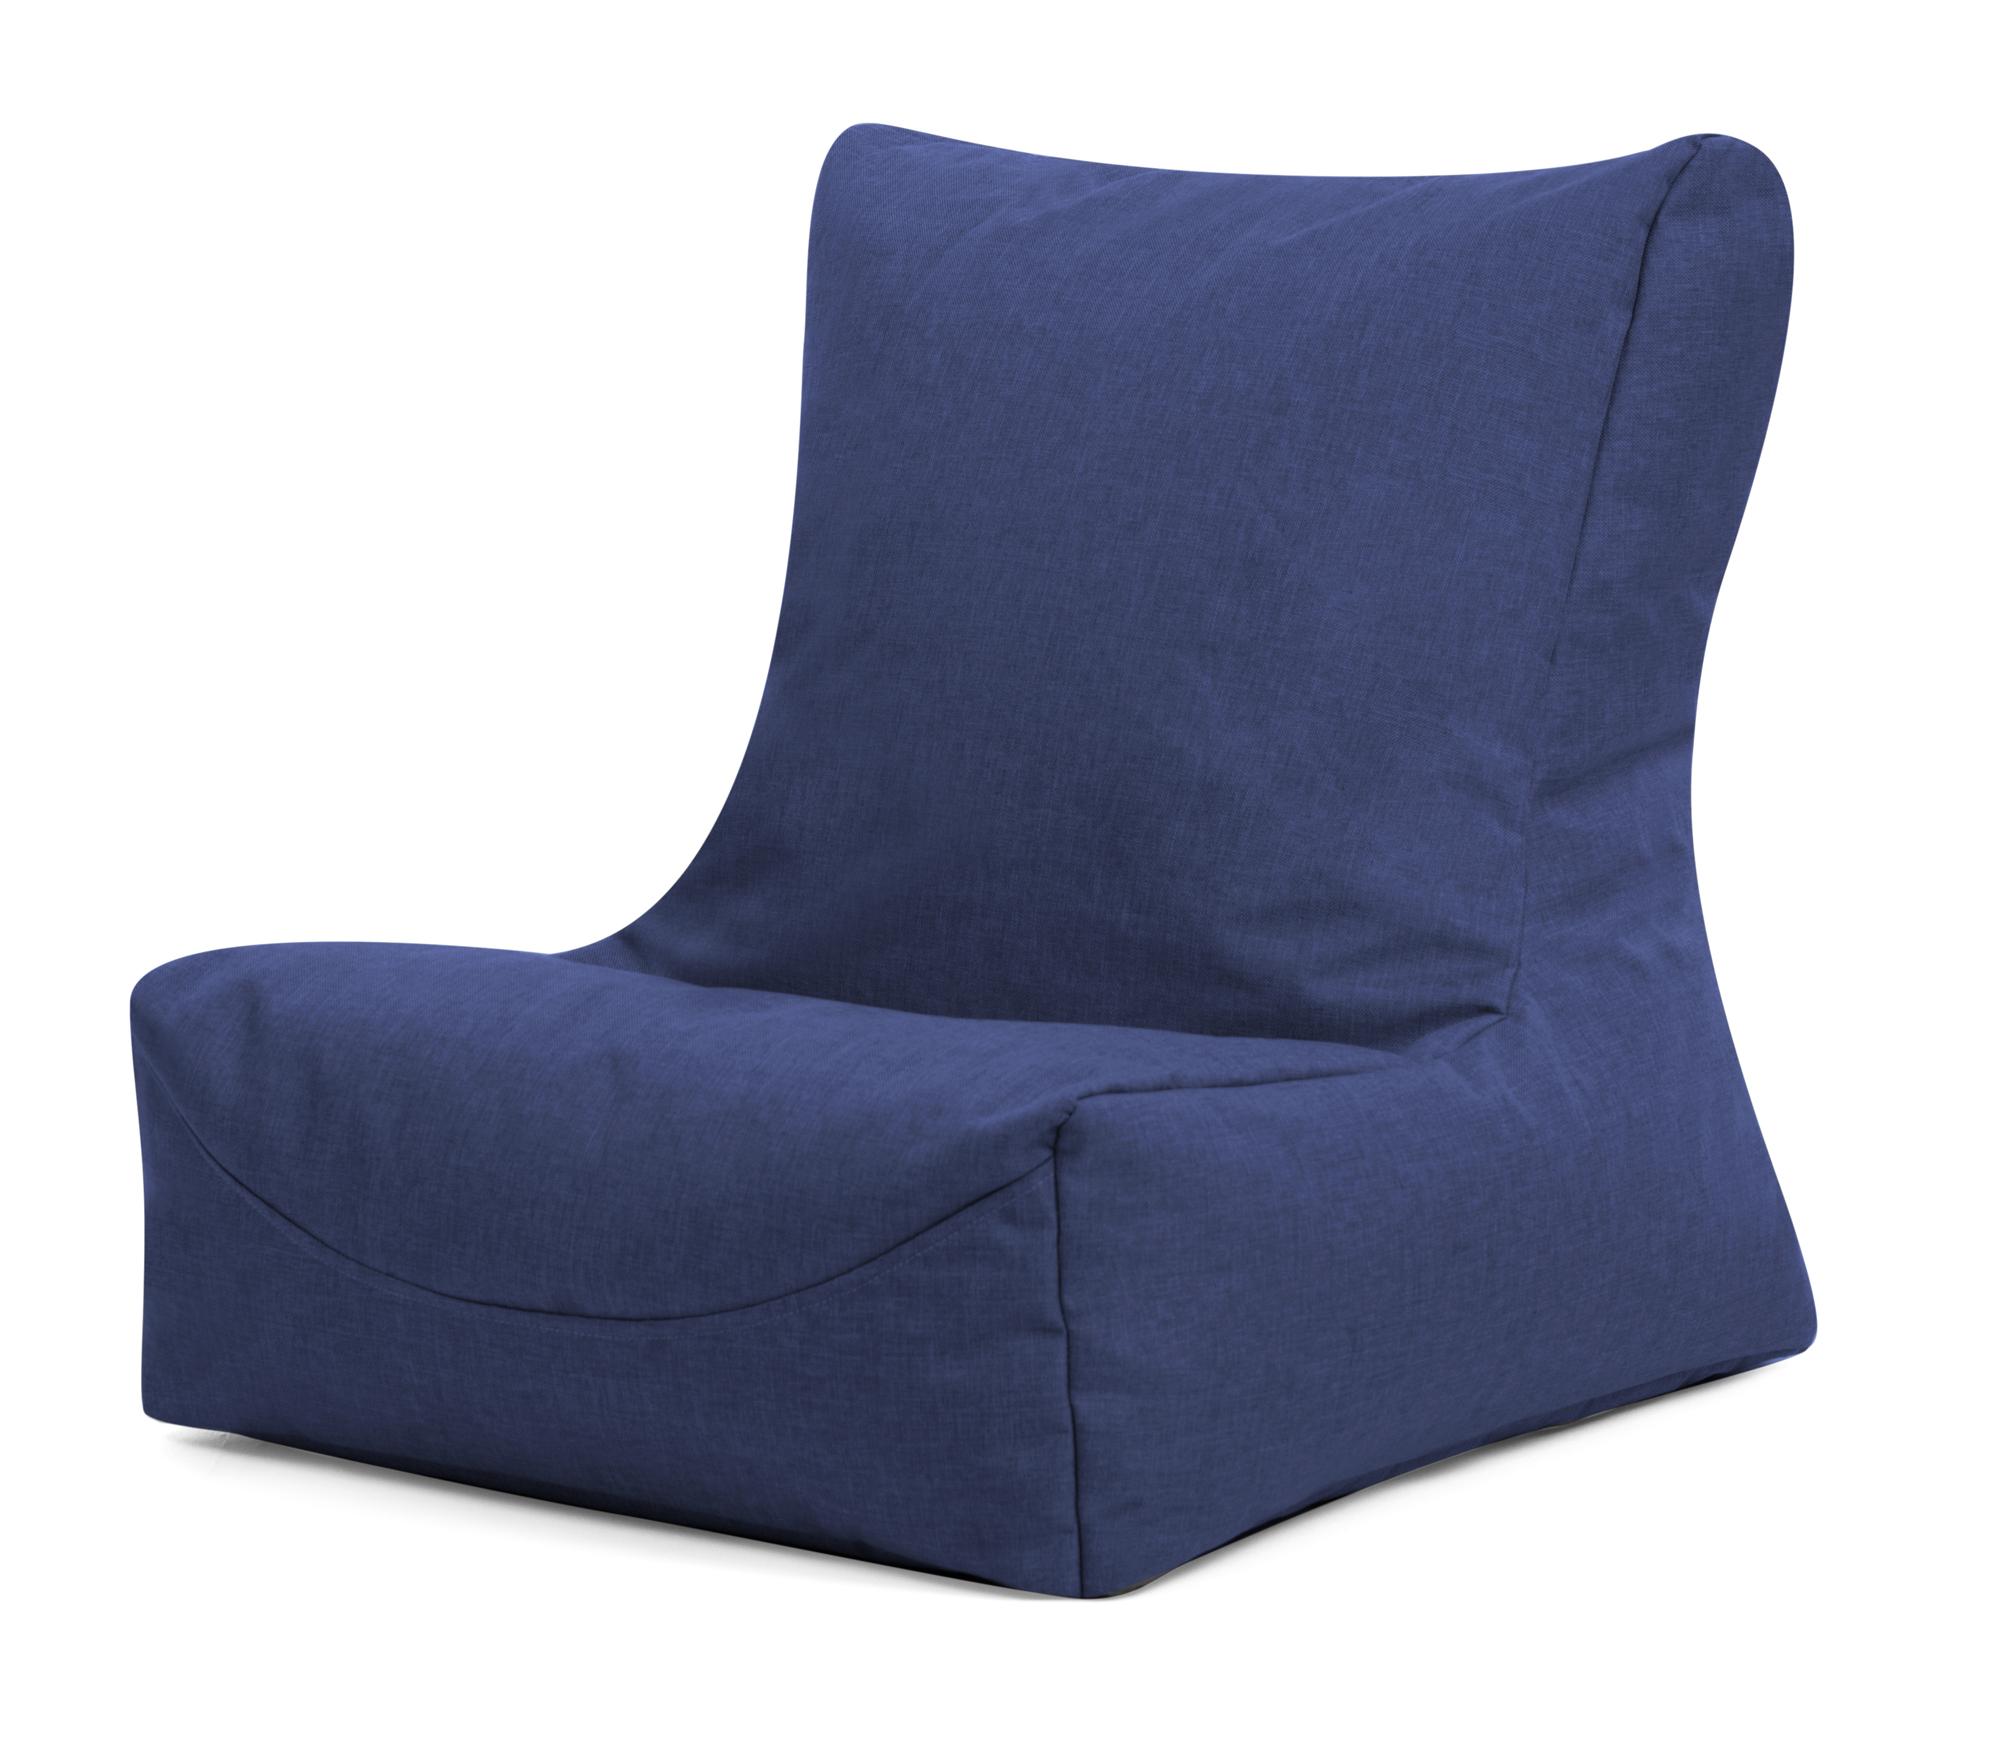 Eden-PRI-Smile-Chair-Navy-2-300dpi